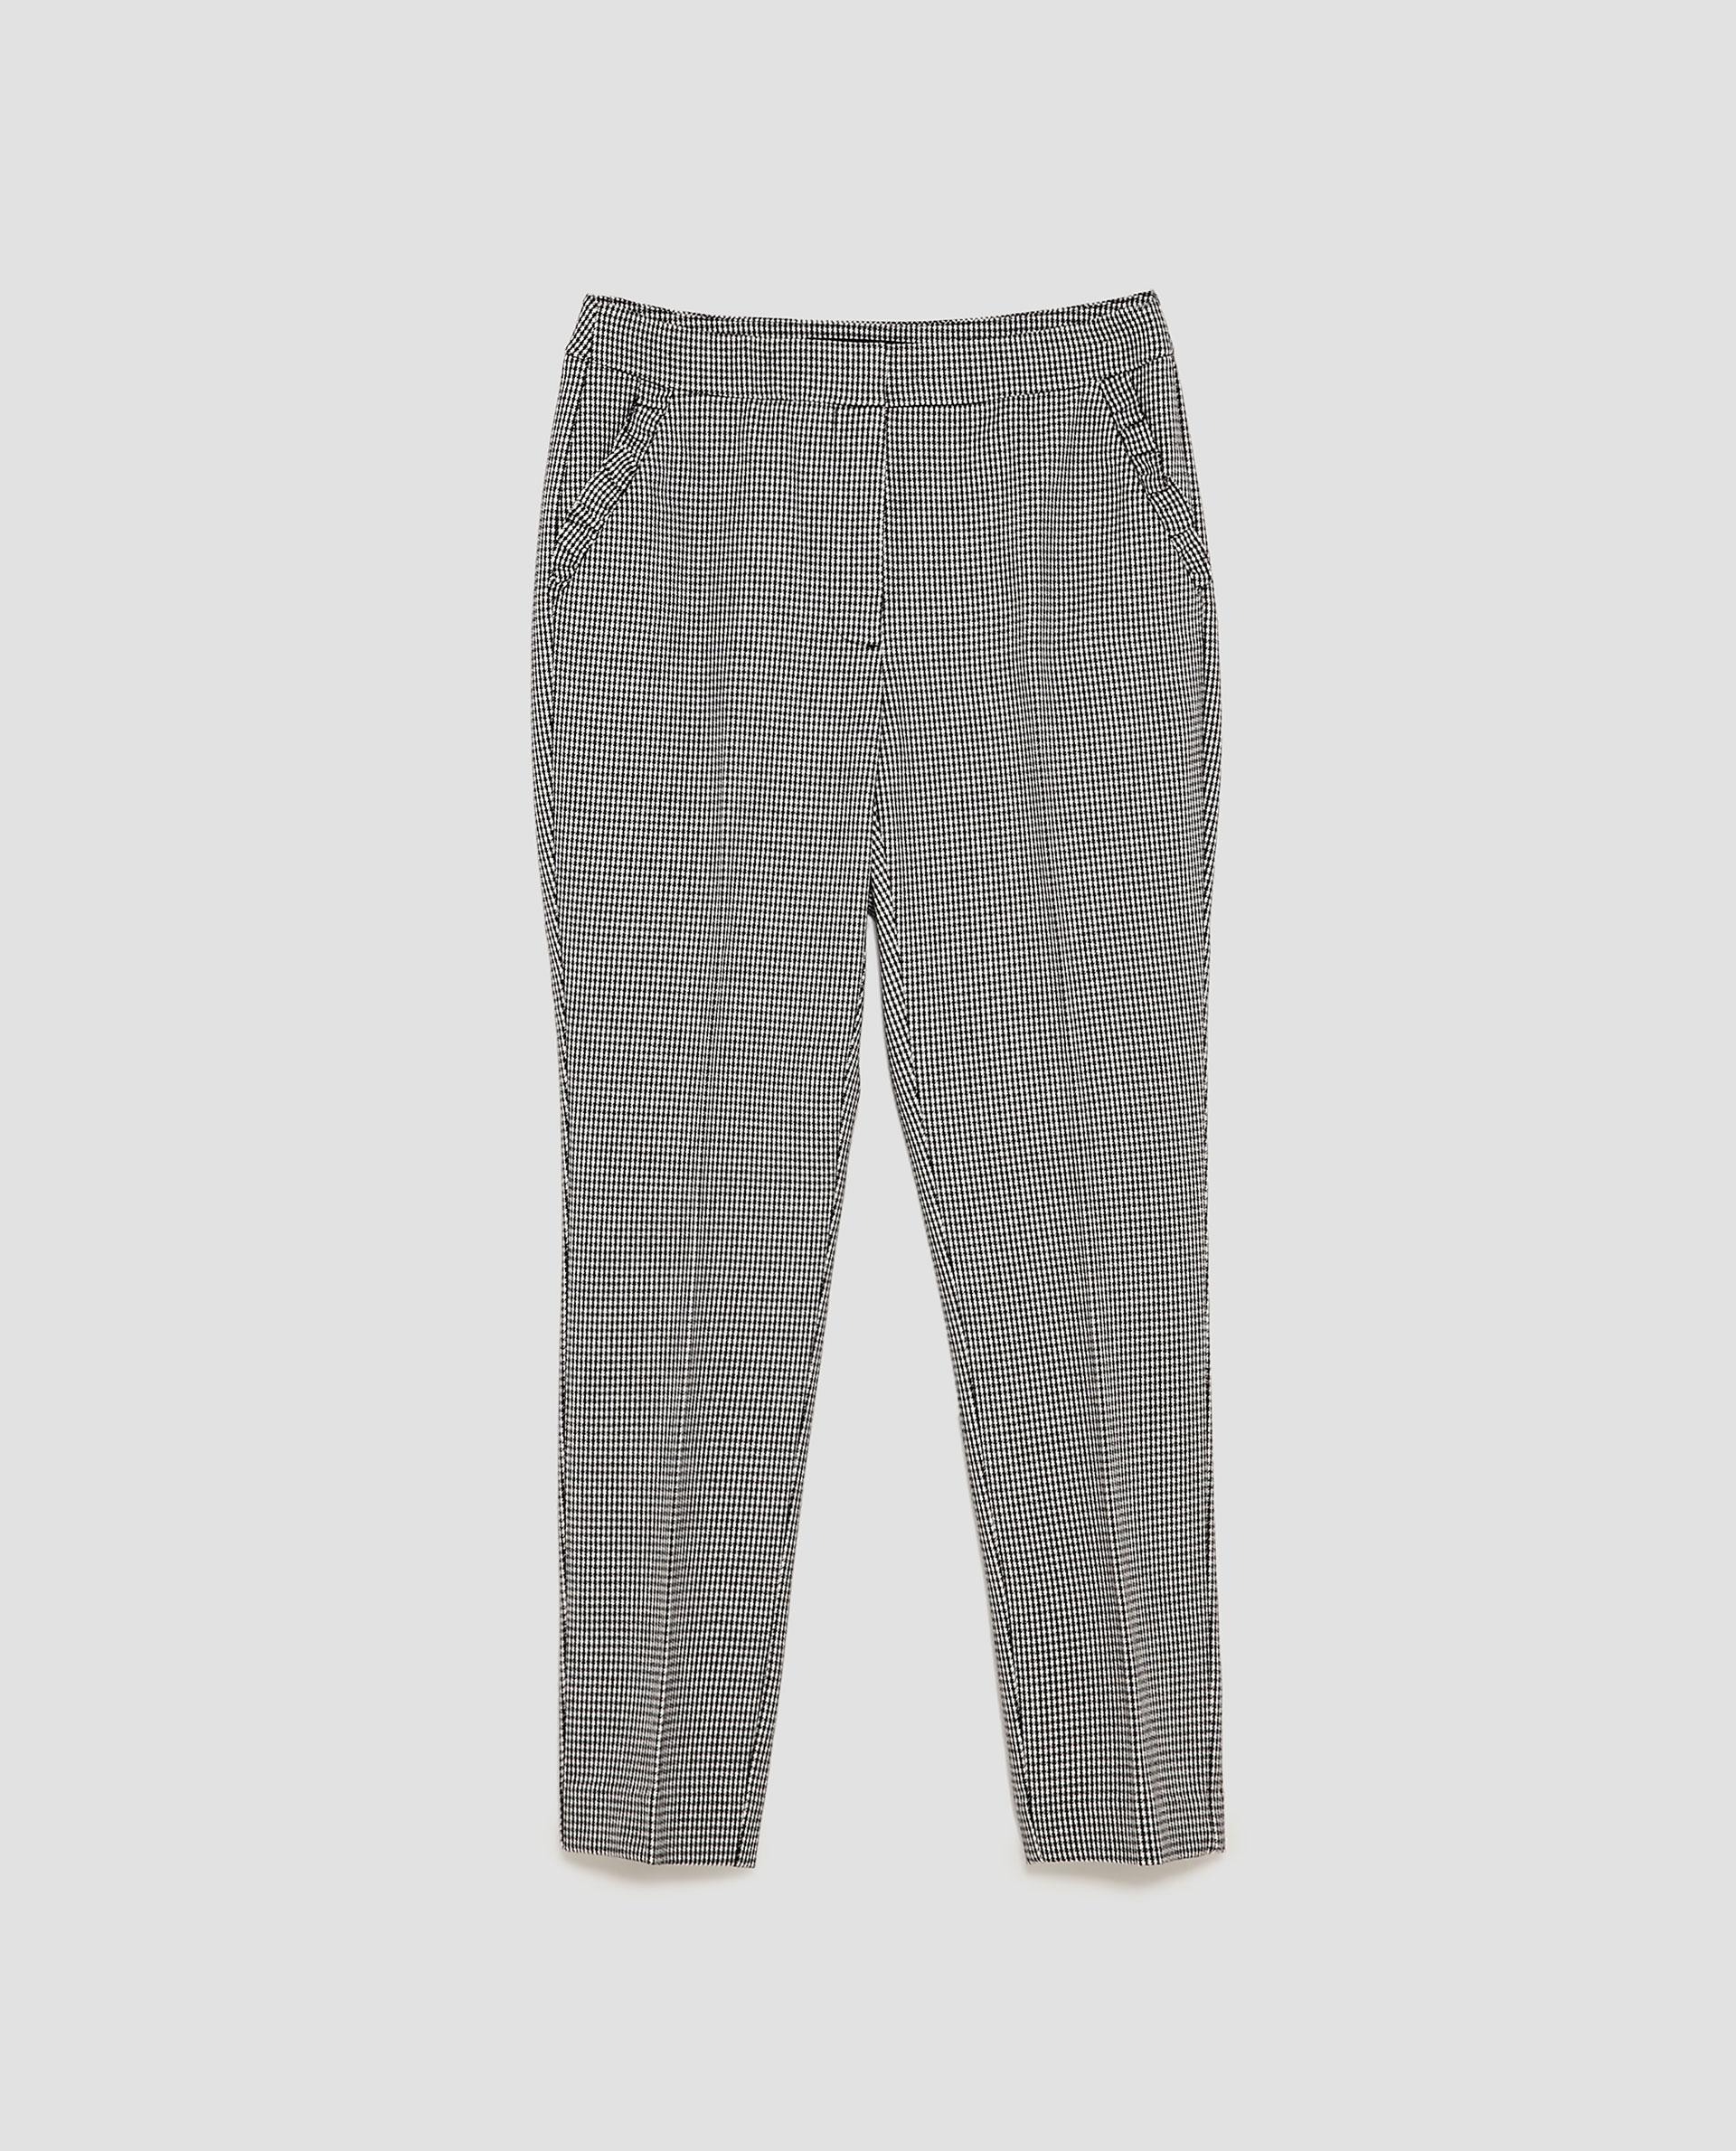 Zara Gingham Trousers